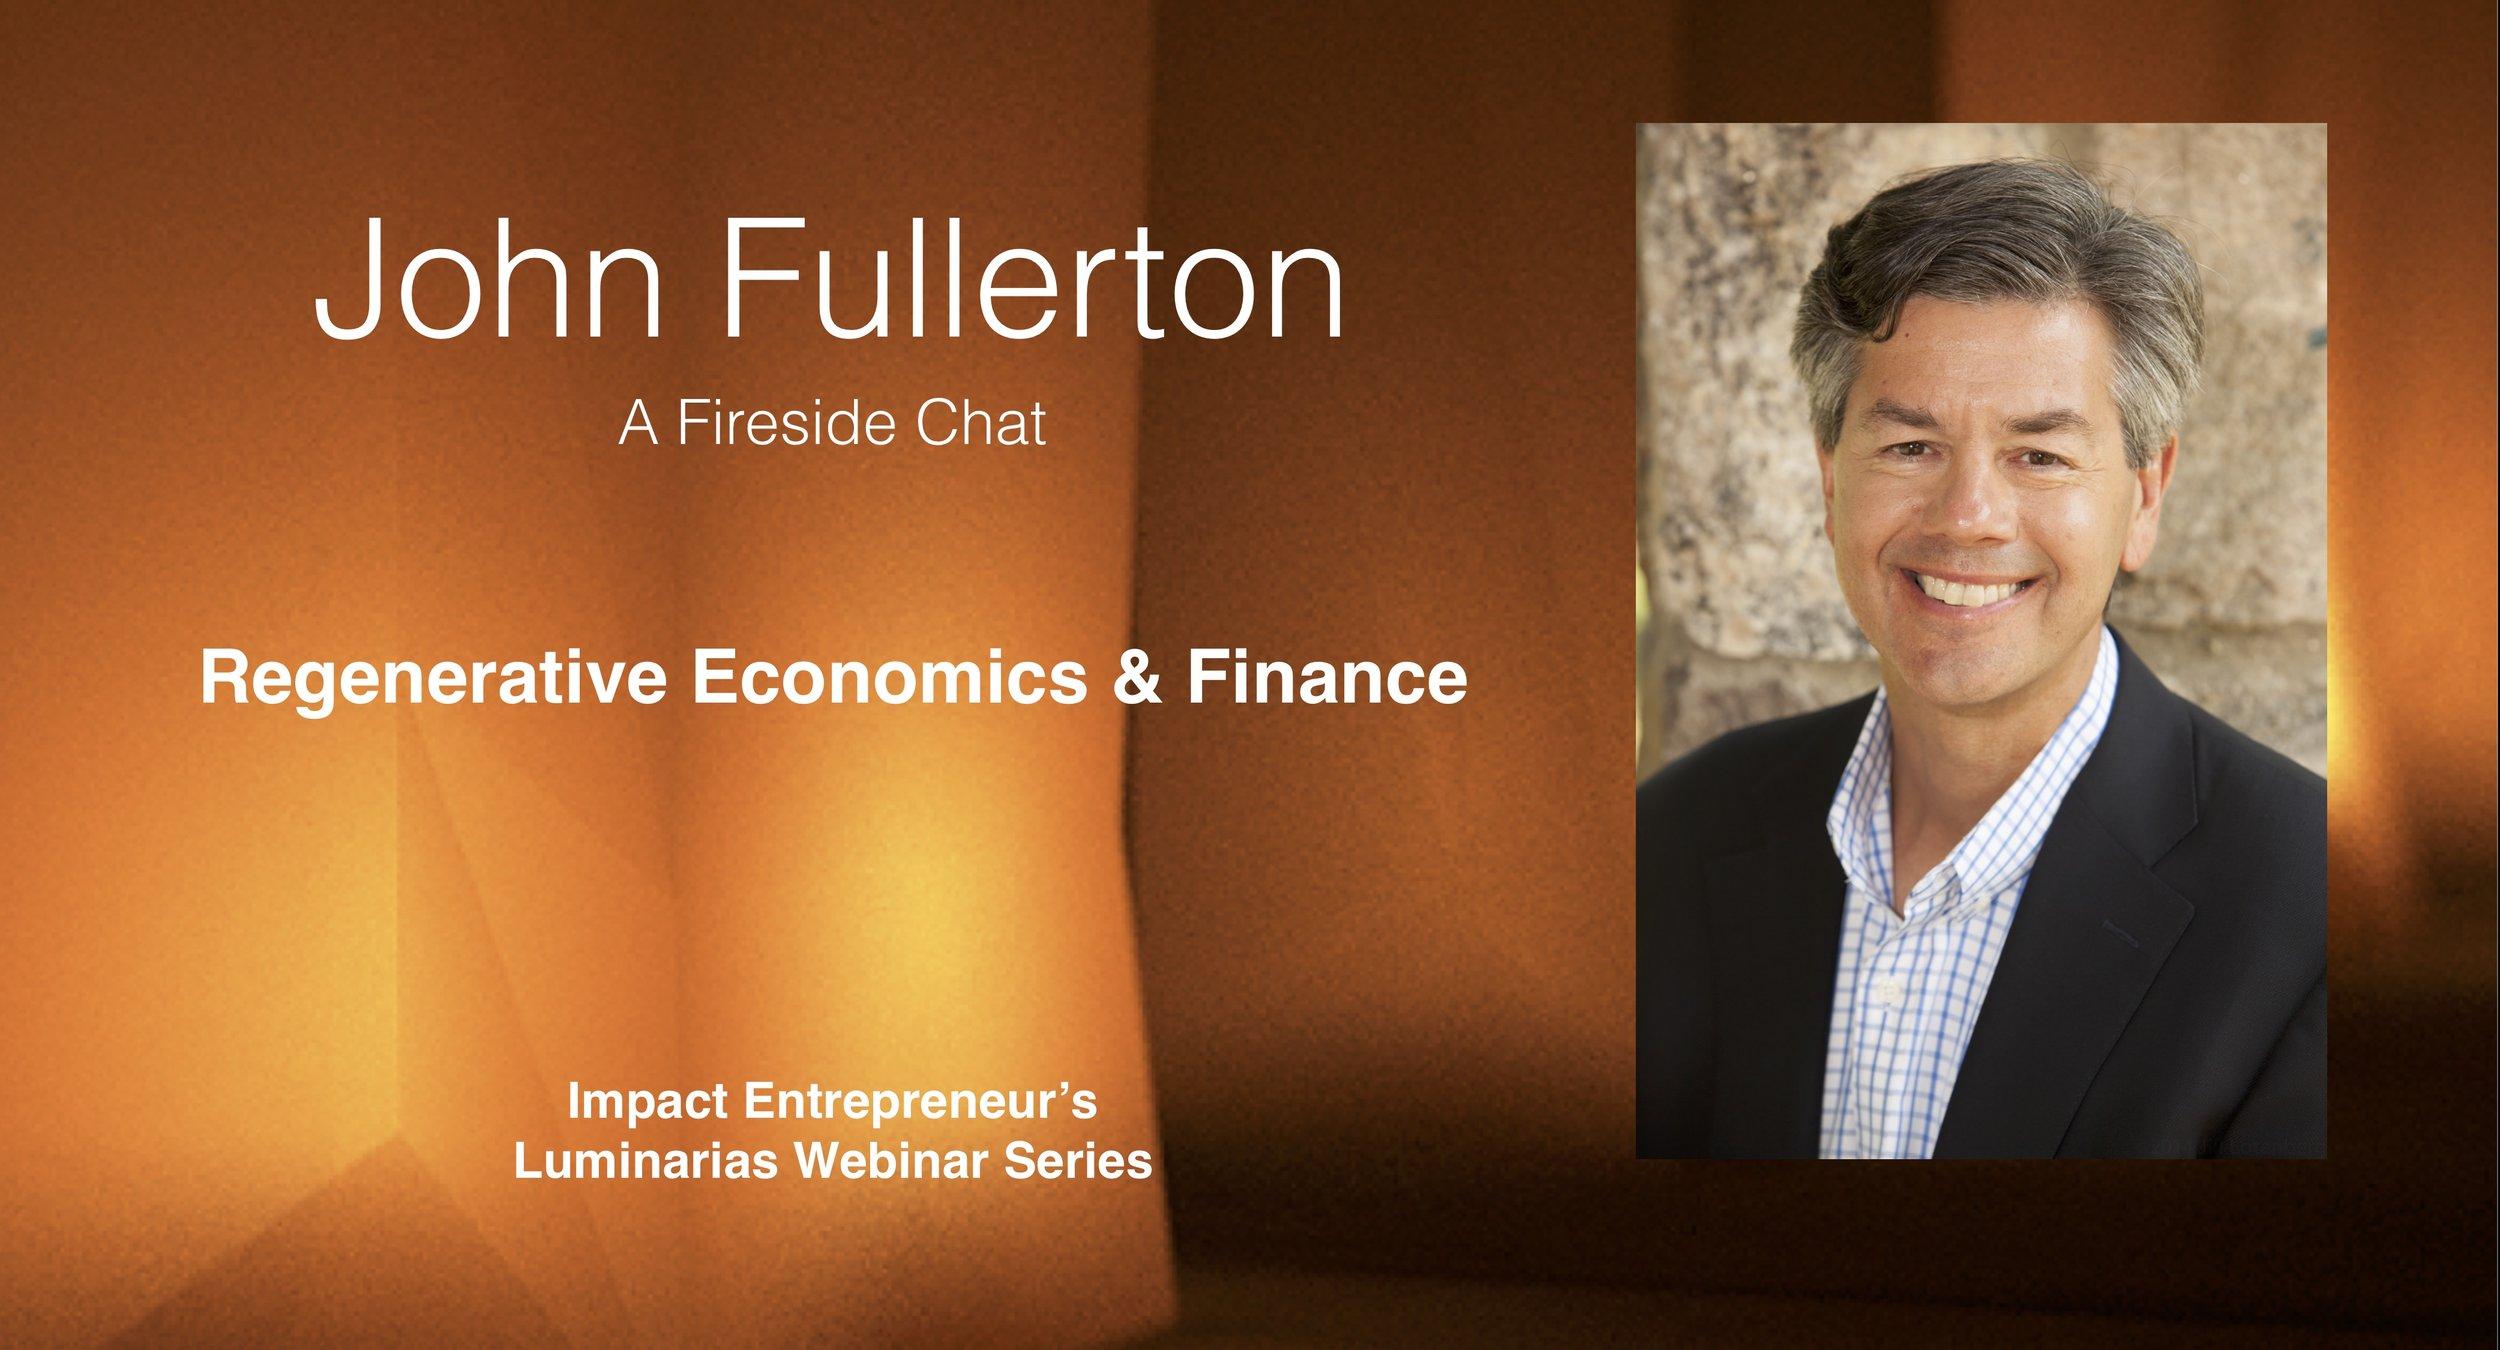 John Fullerton Lead Image.jpg